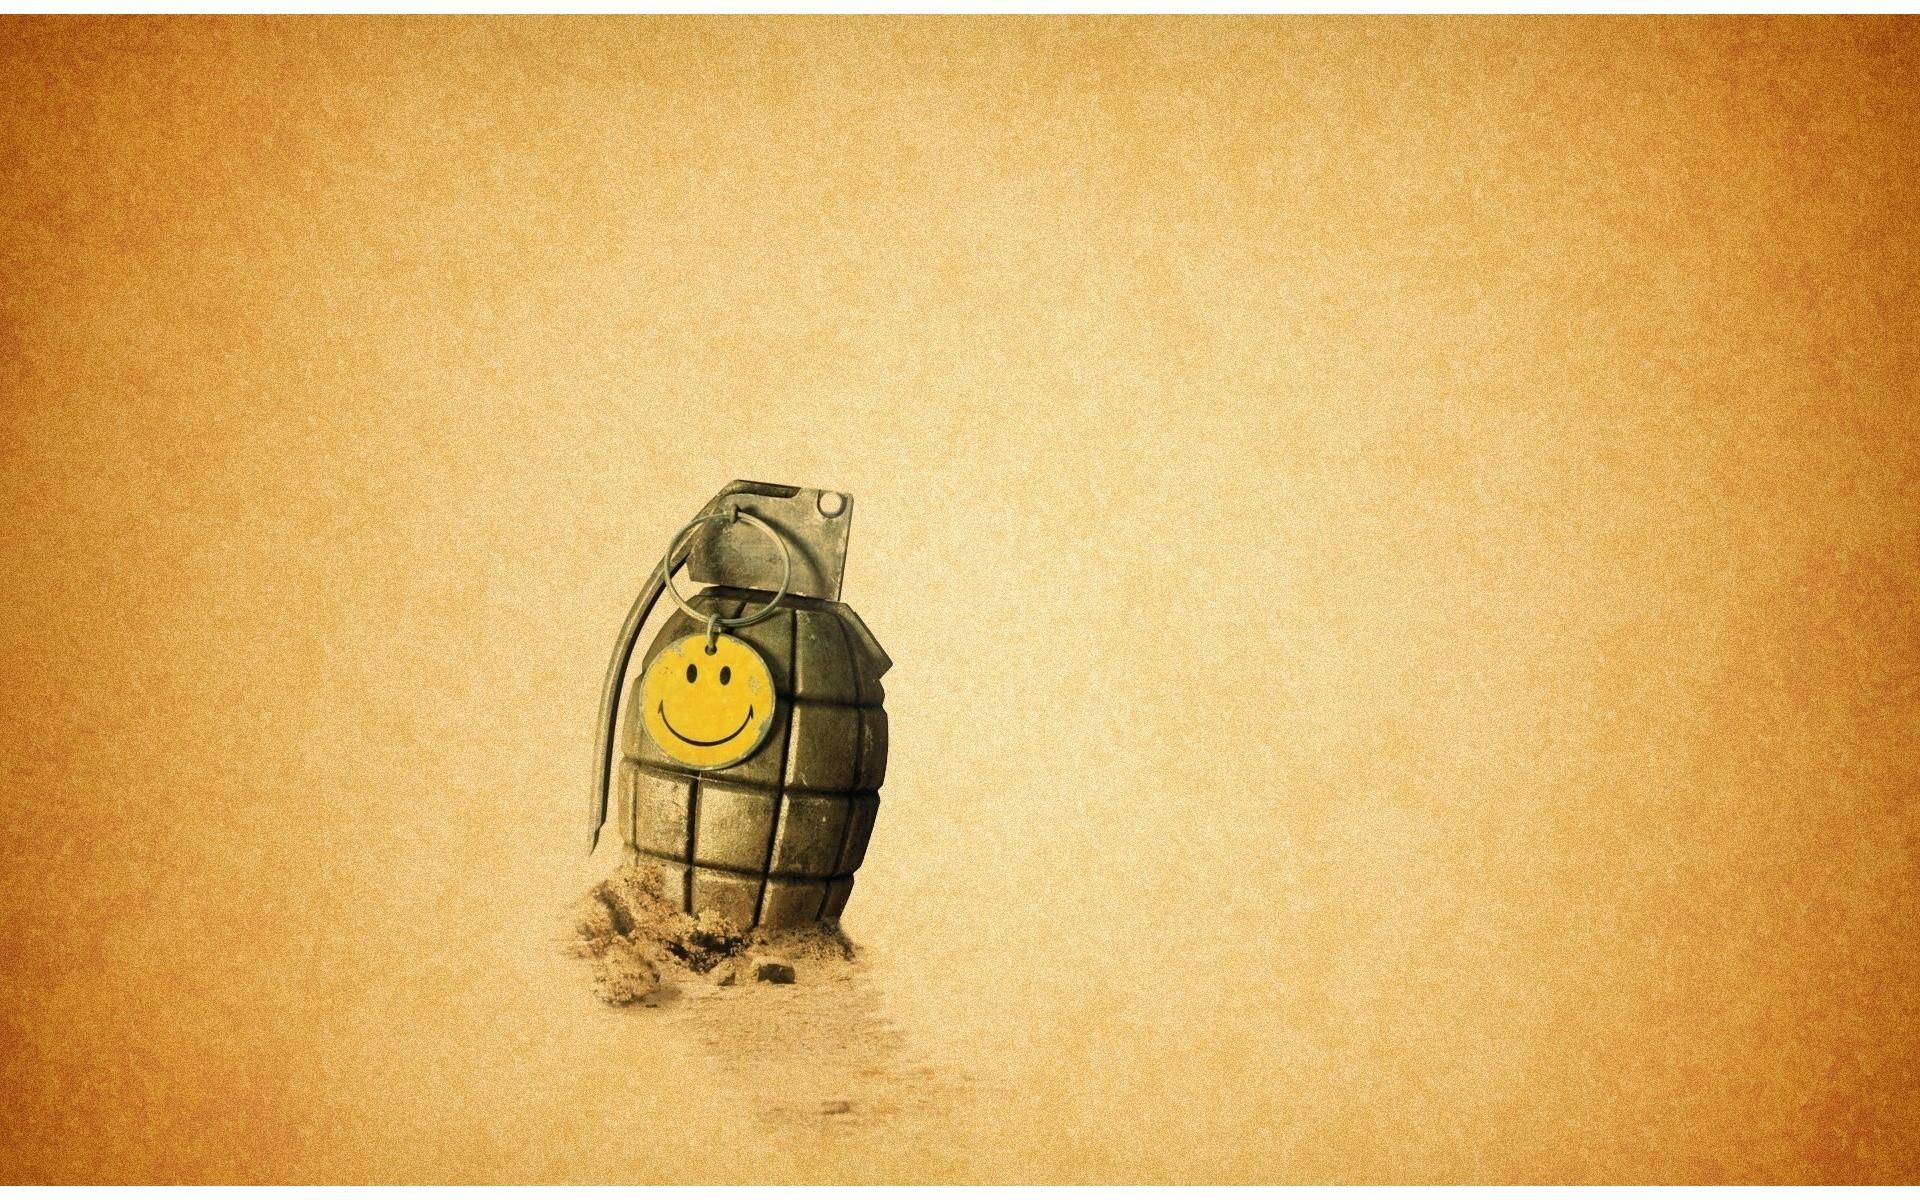 Frag grenade Wallpaper